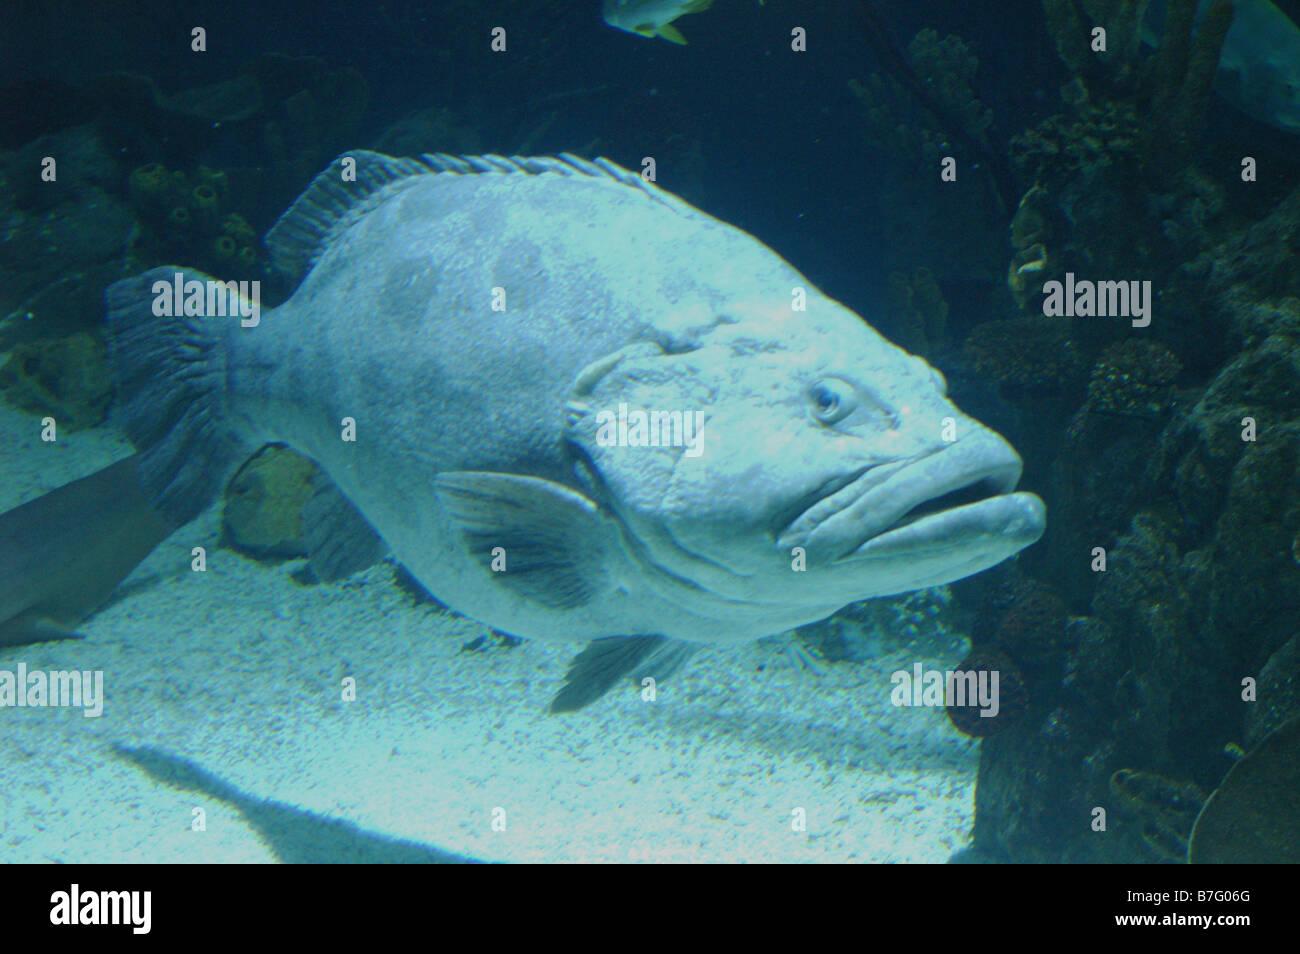 Fish for big aquarium - Big Fish Potato Cod Or Potato Grouper In Aquarium